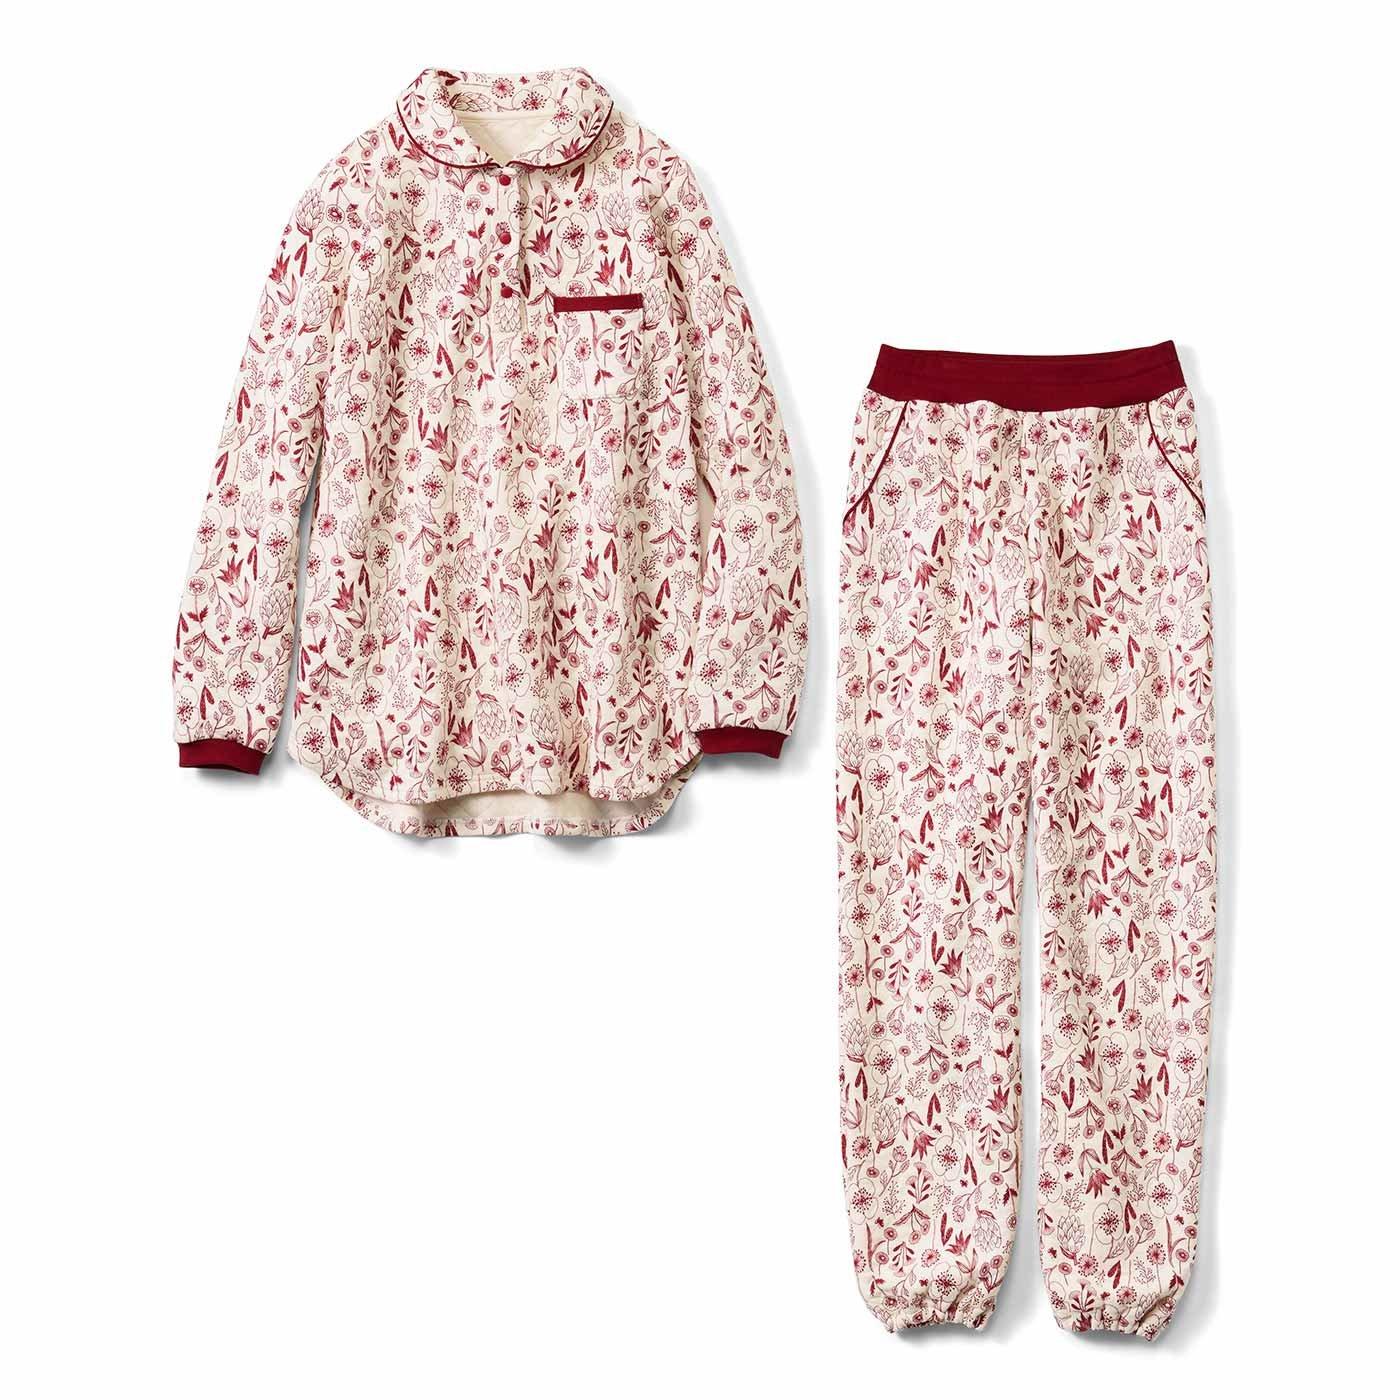 リブ イン コンフォート コットンのふわふわやさしい肌心地 ボタニカルキルティングパジャマ〈レッド〉